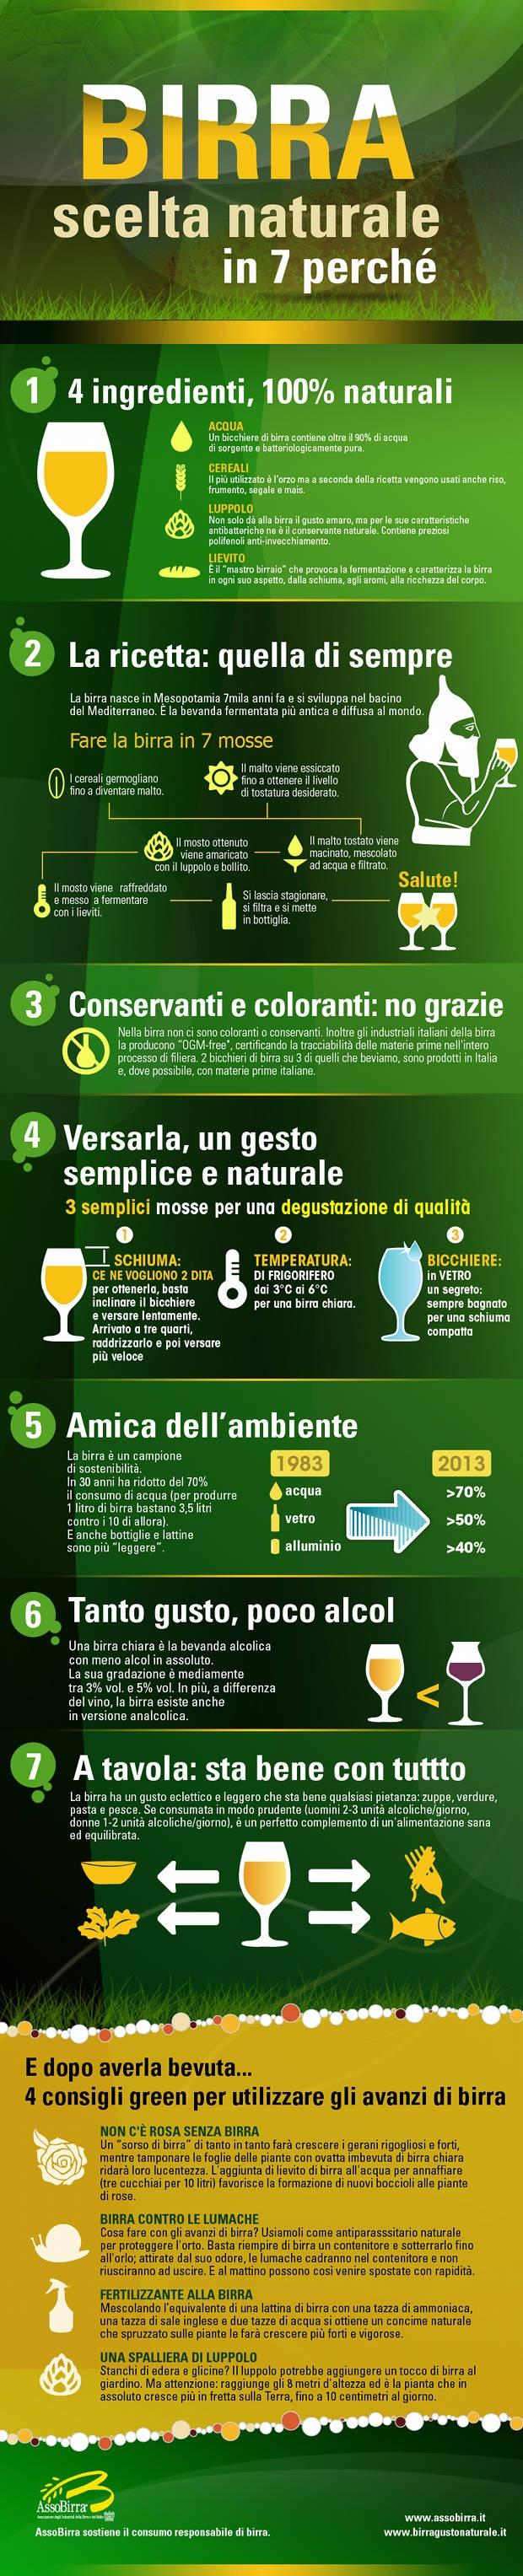 Birra, una scelta naturale... [infografica & curiosità]